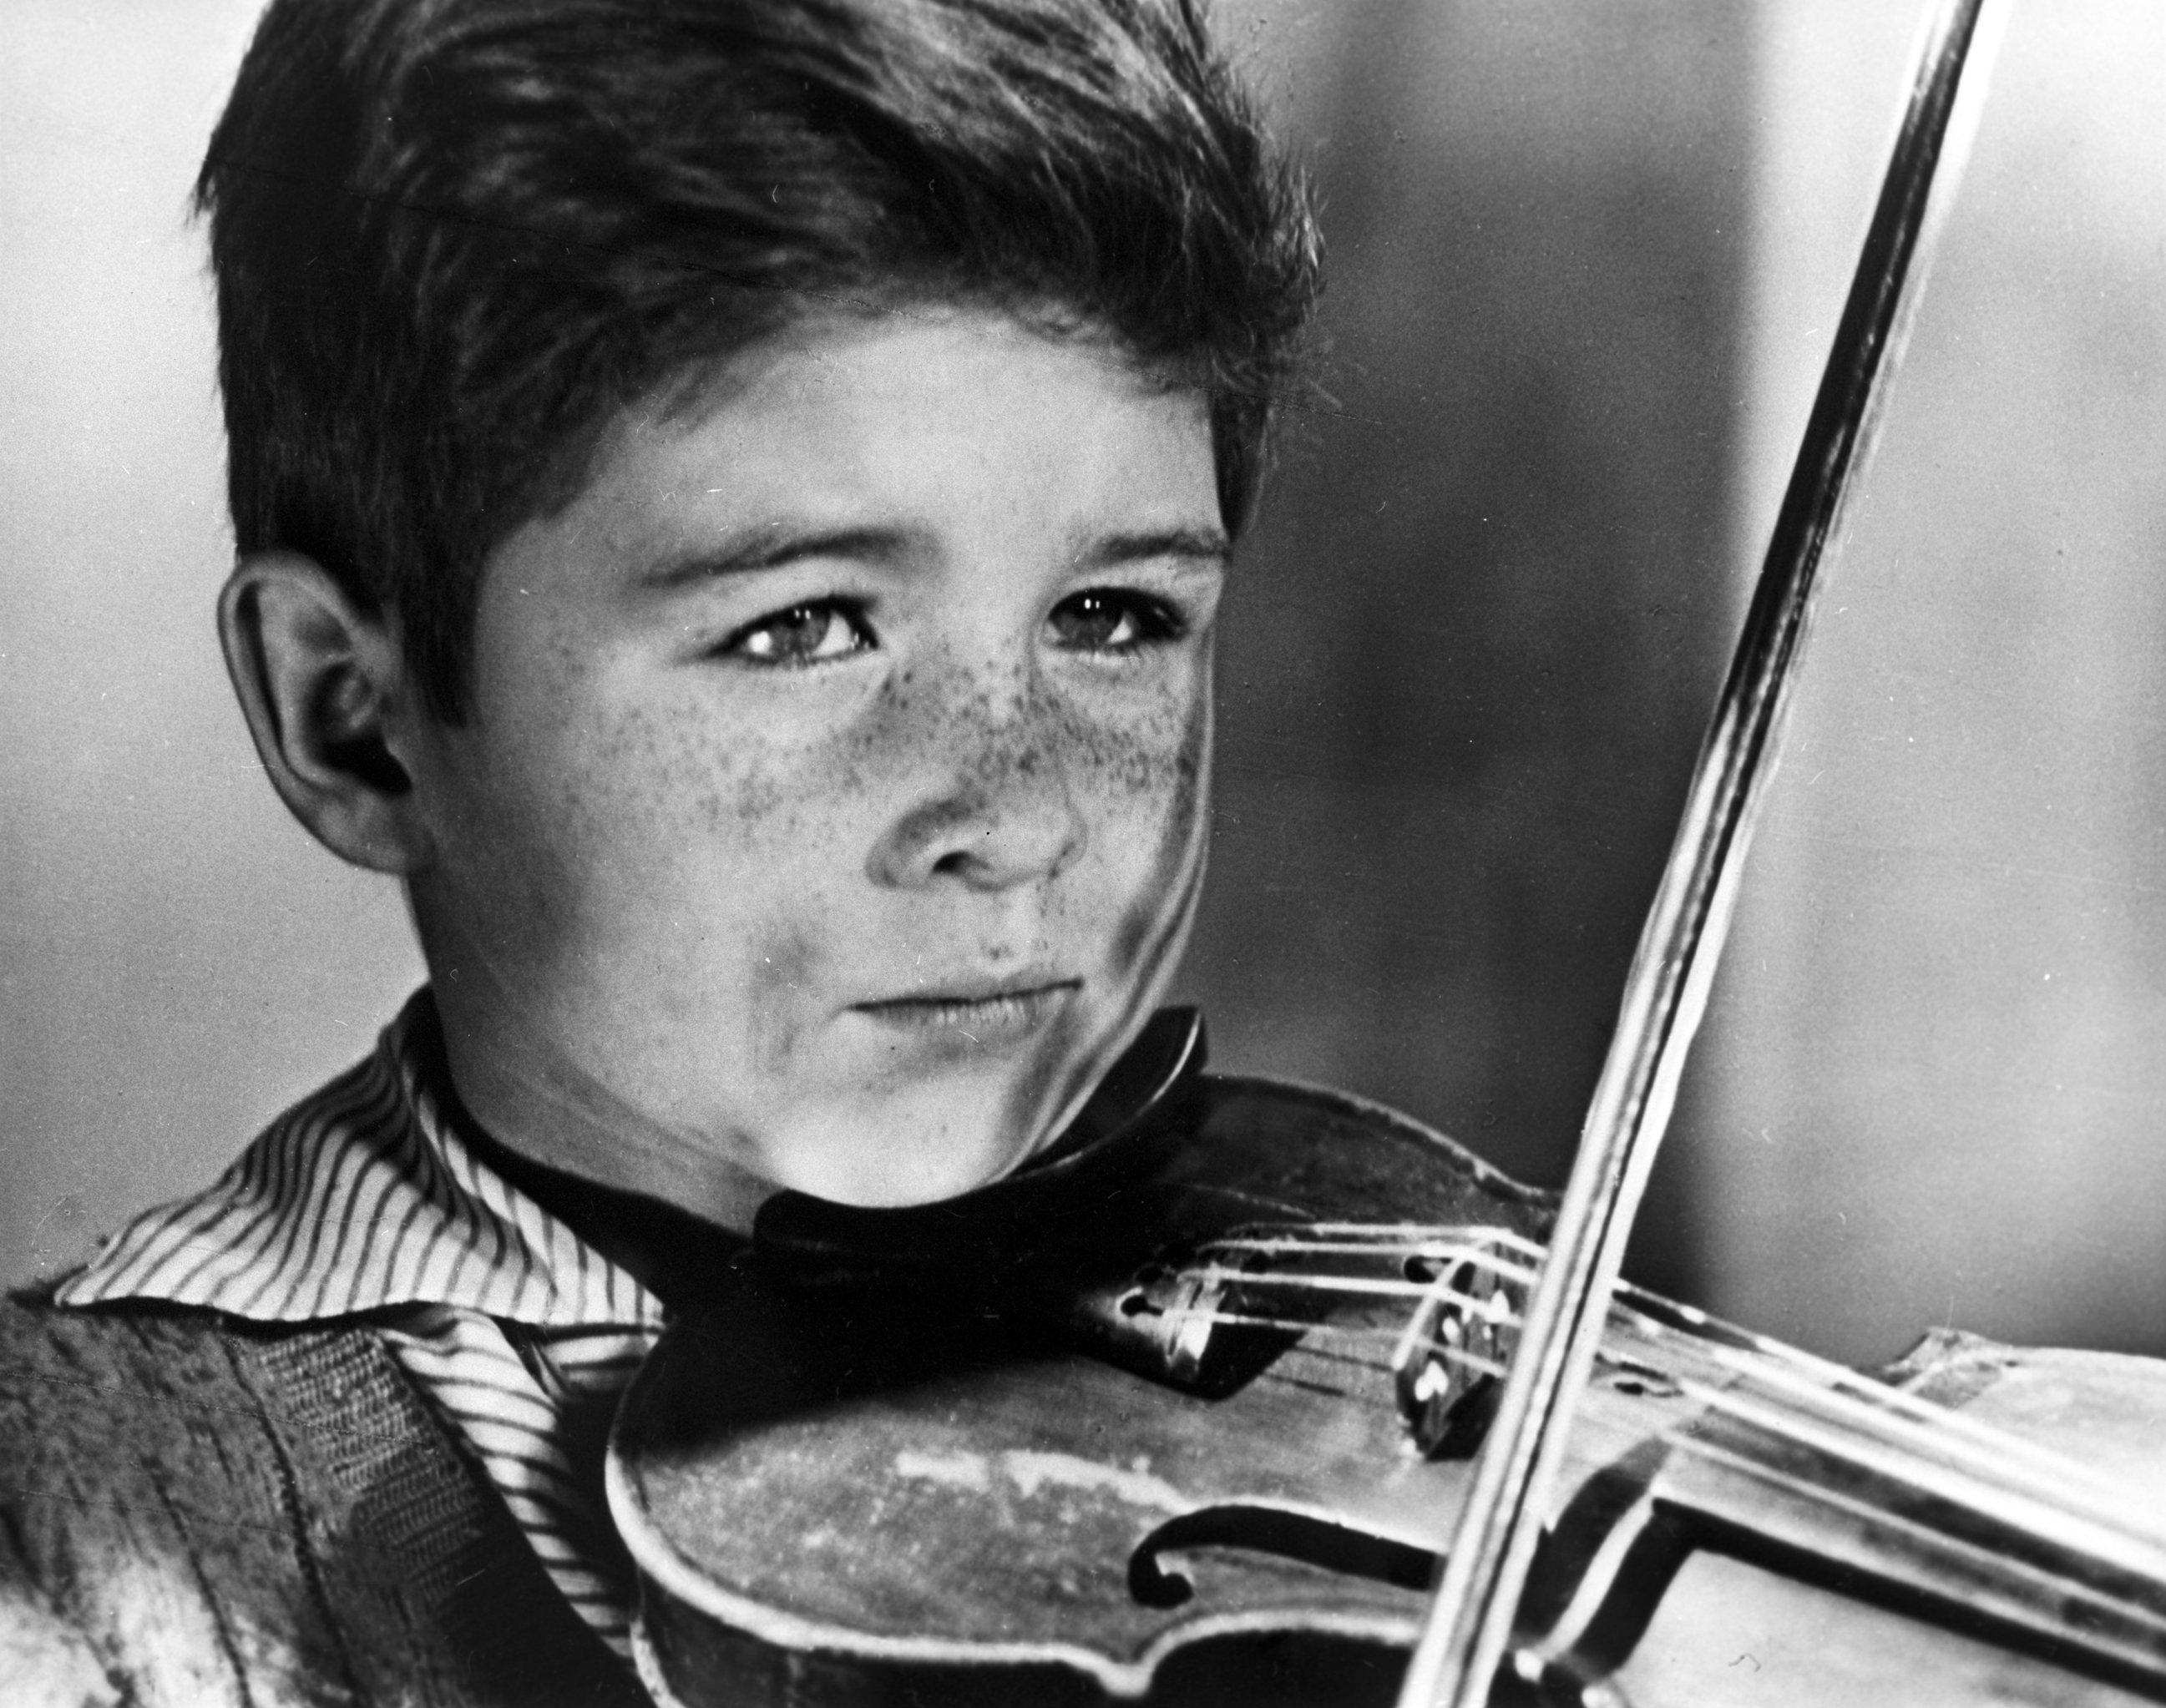 Кадр из короткометражного фильма Каток и скрипка. Дипломная работа Андрея Тарковского. 1960